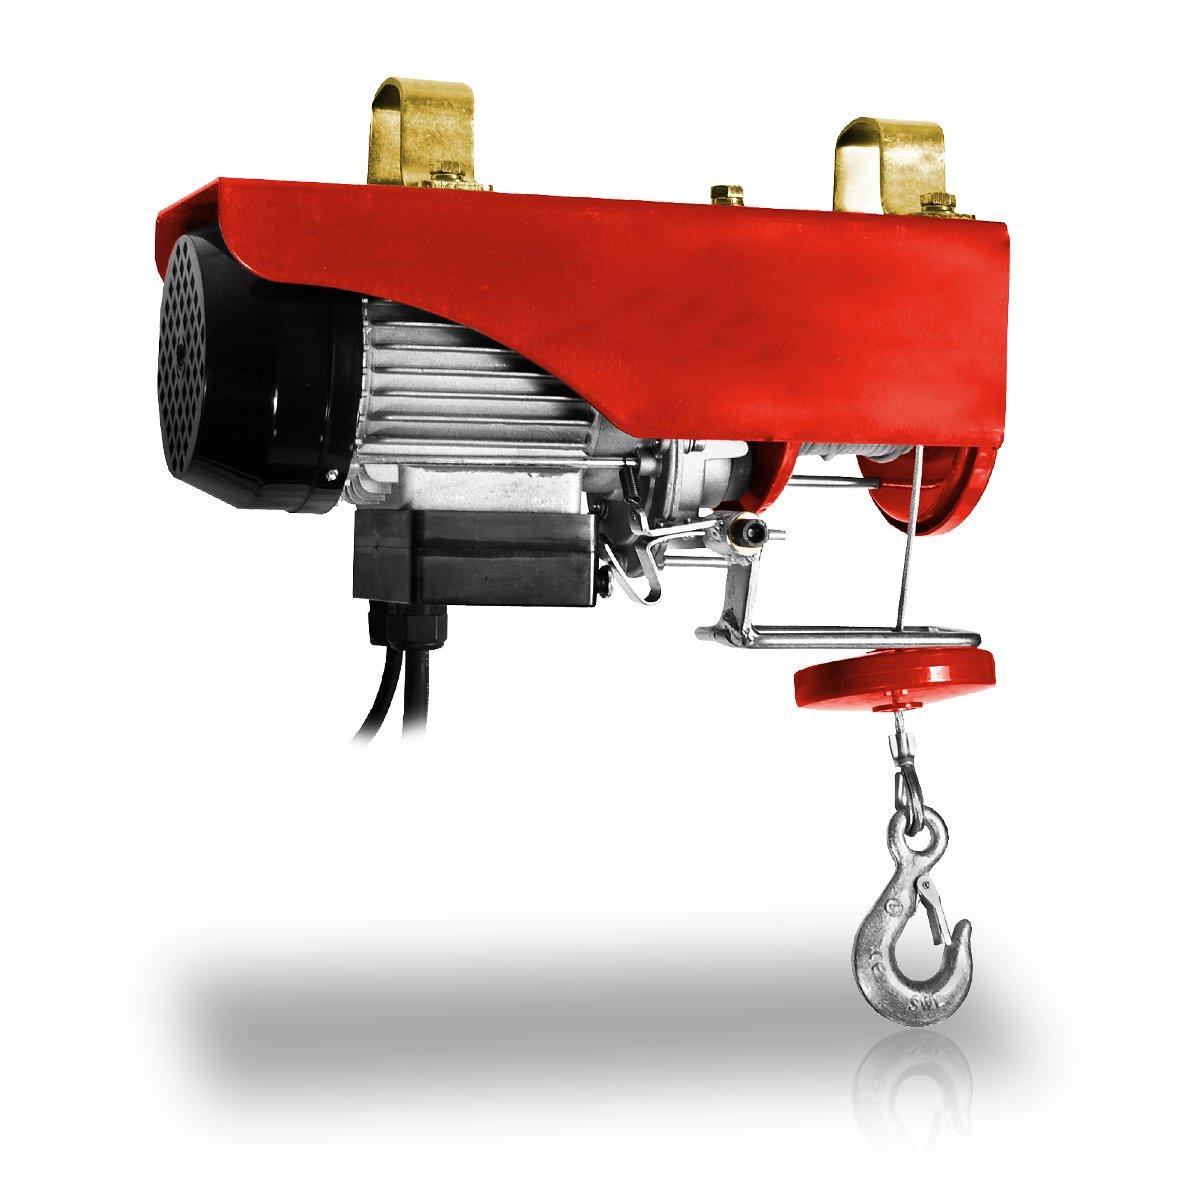 Berlan Seilhebezug BSZ300A  BaumarktÜberprüfung und weitere Informationen